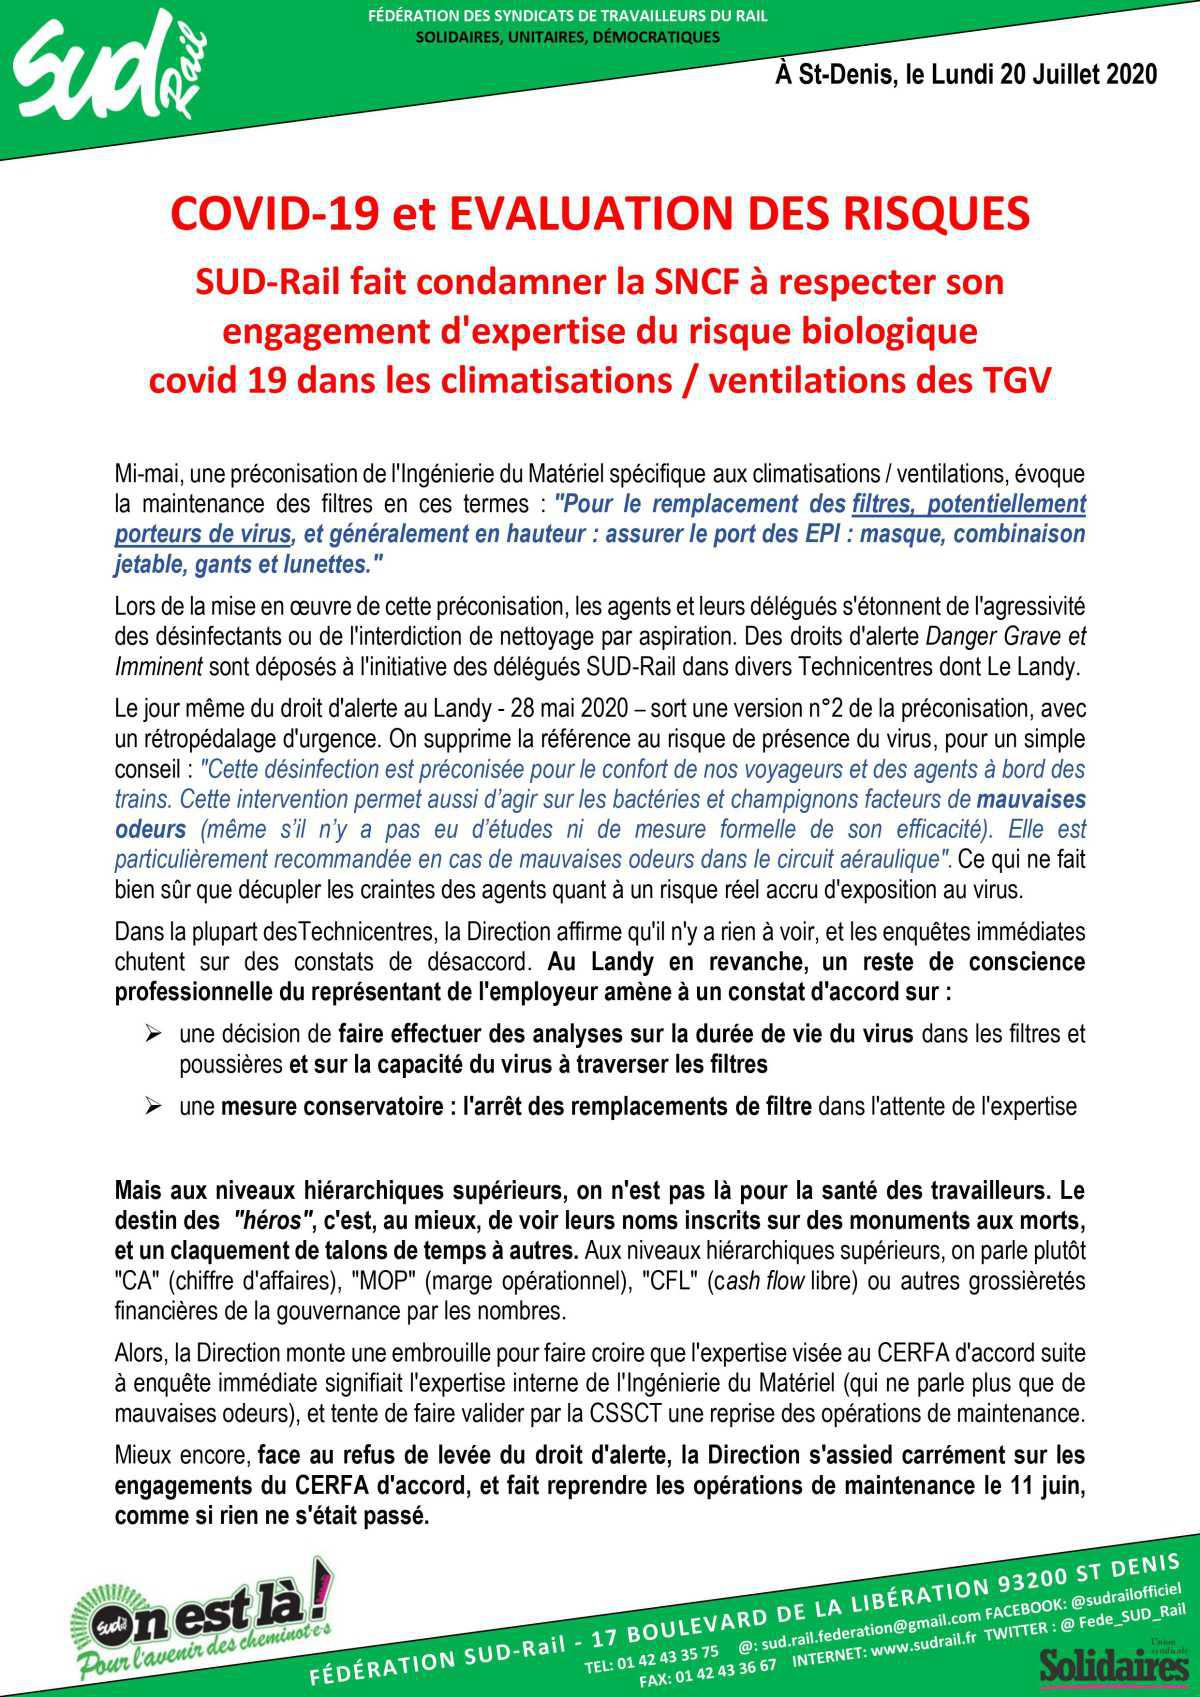 COVID-19 et évaluation des risques